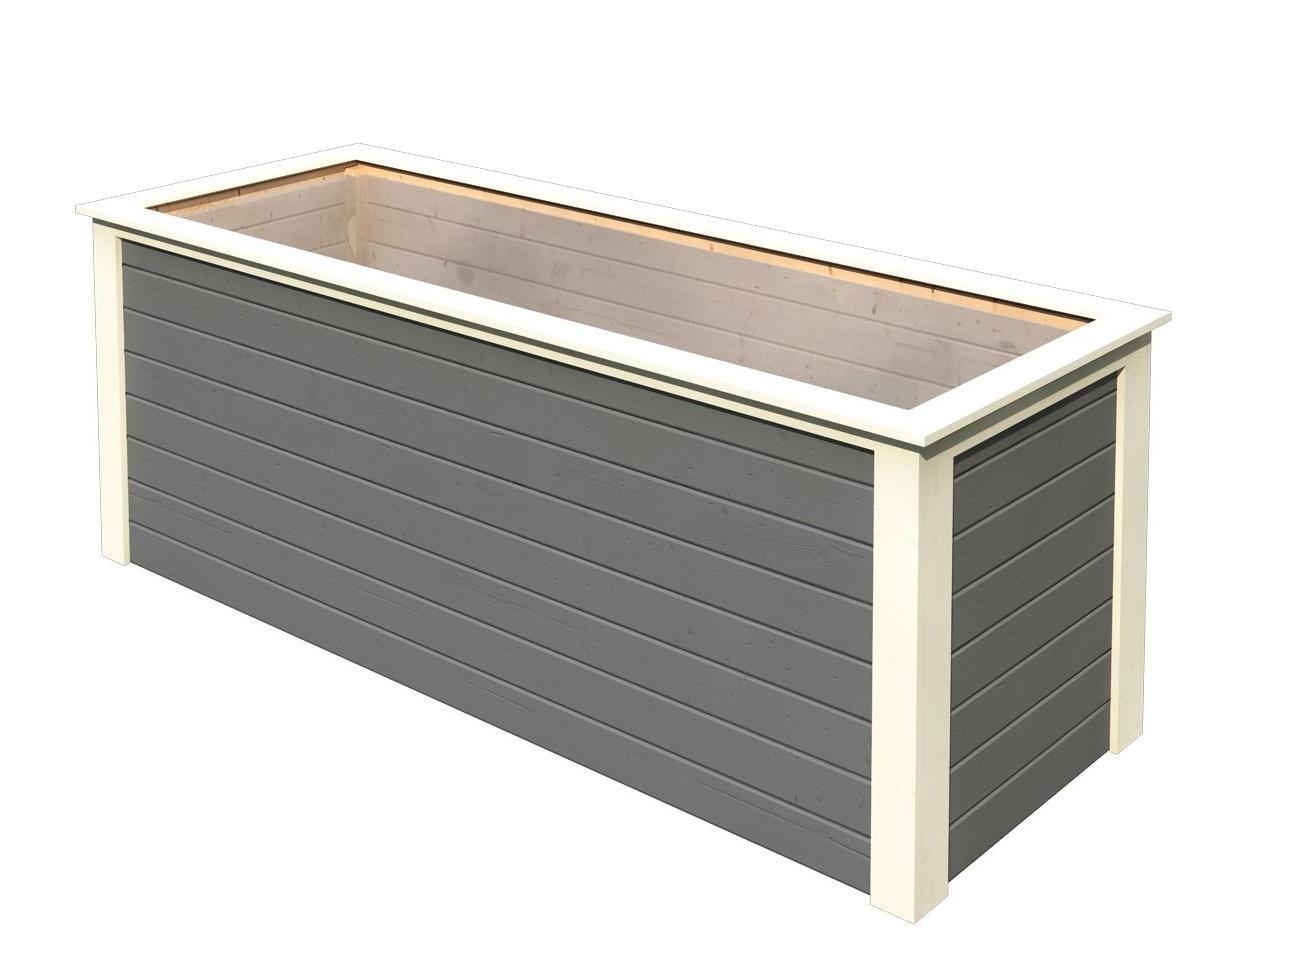 vyvýšený záhon KARIBU HOCHBEET 282 (91550) terragrau